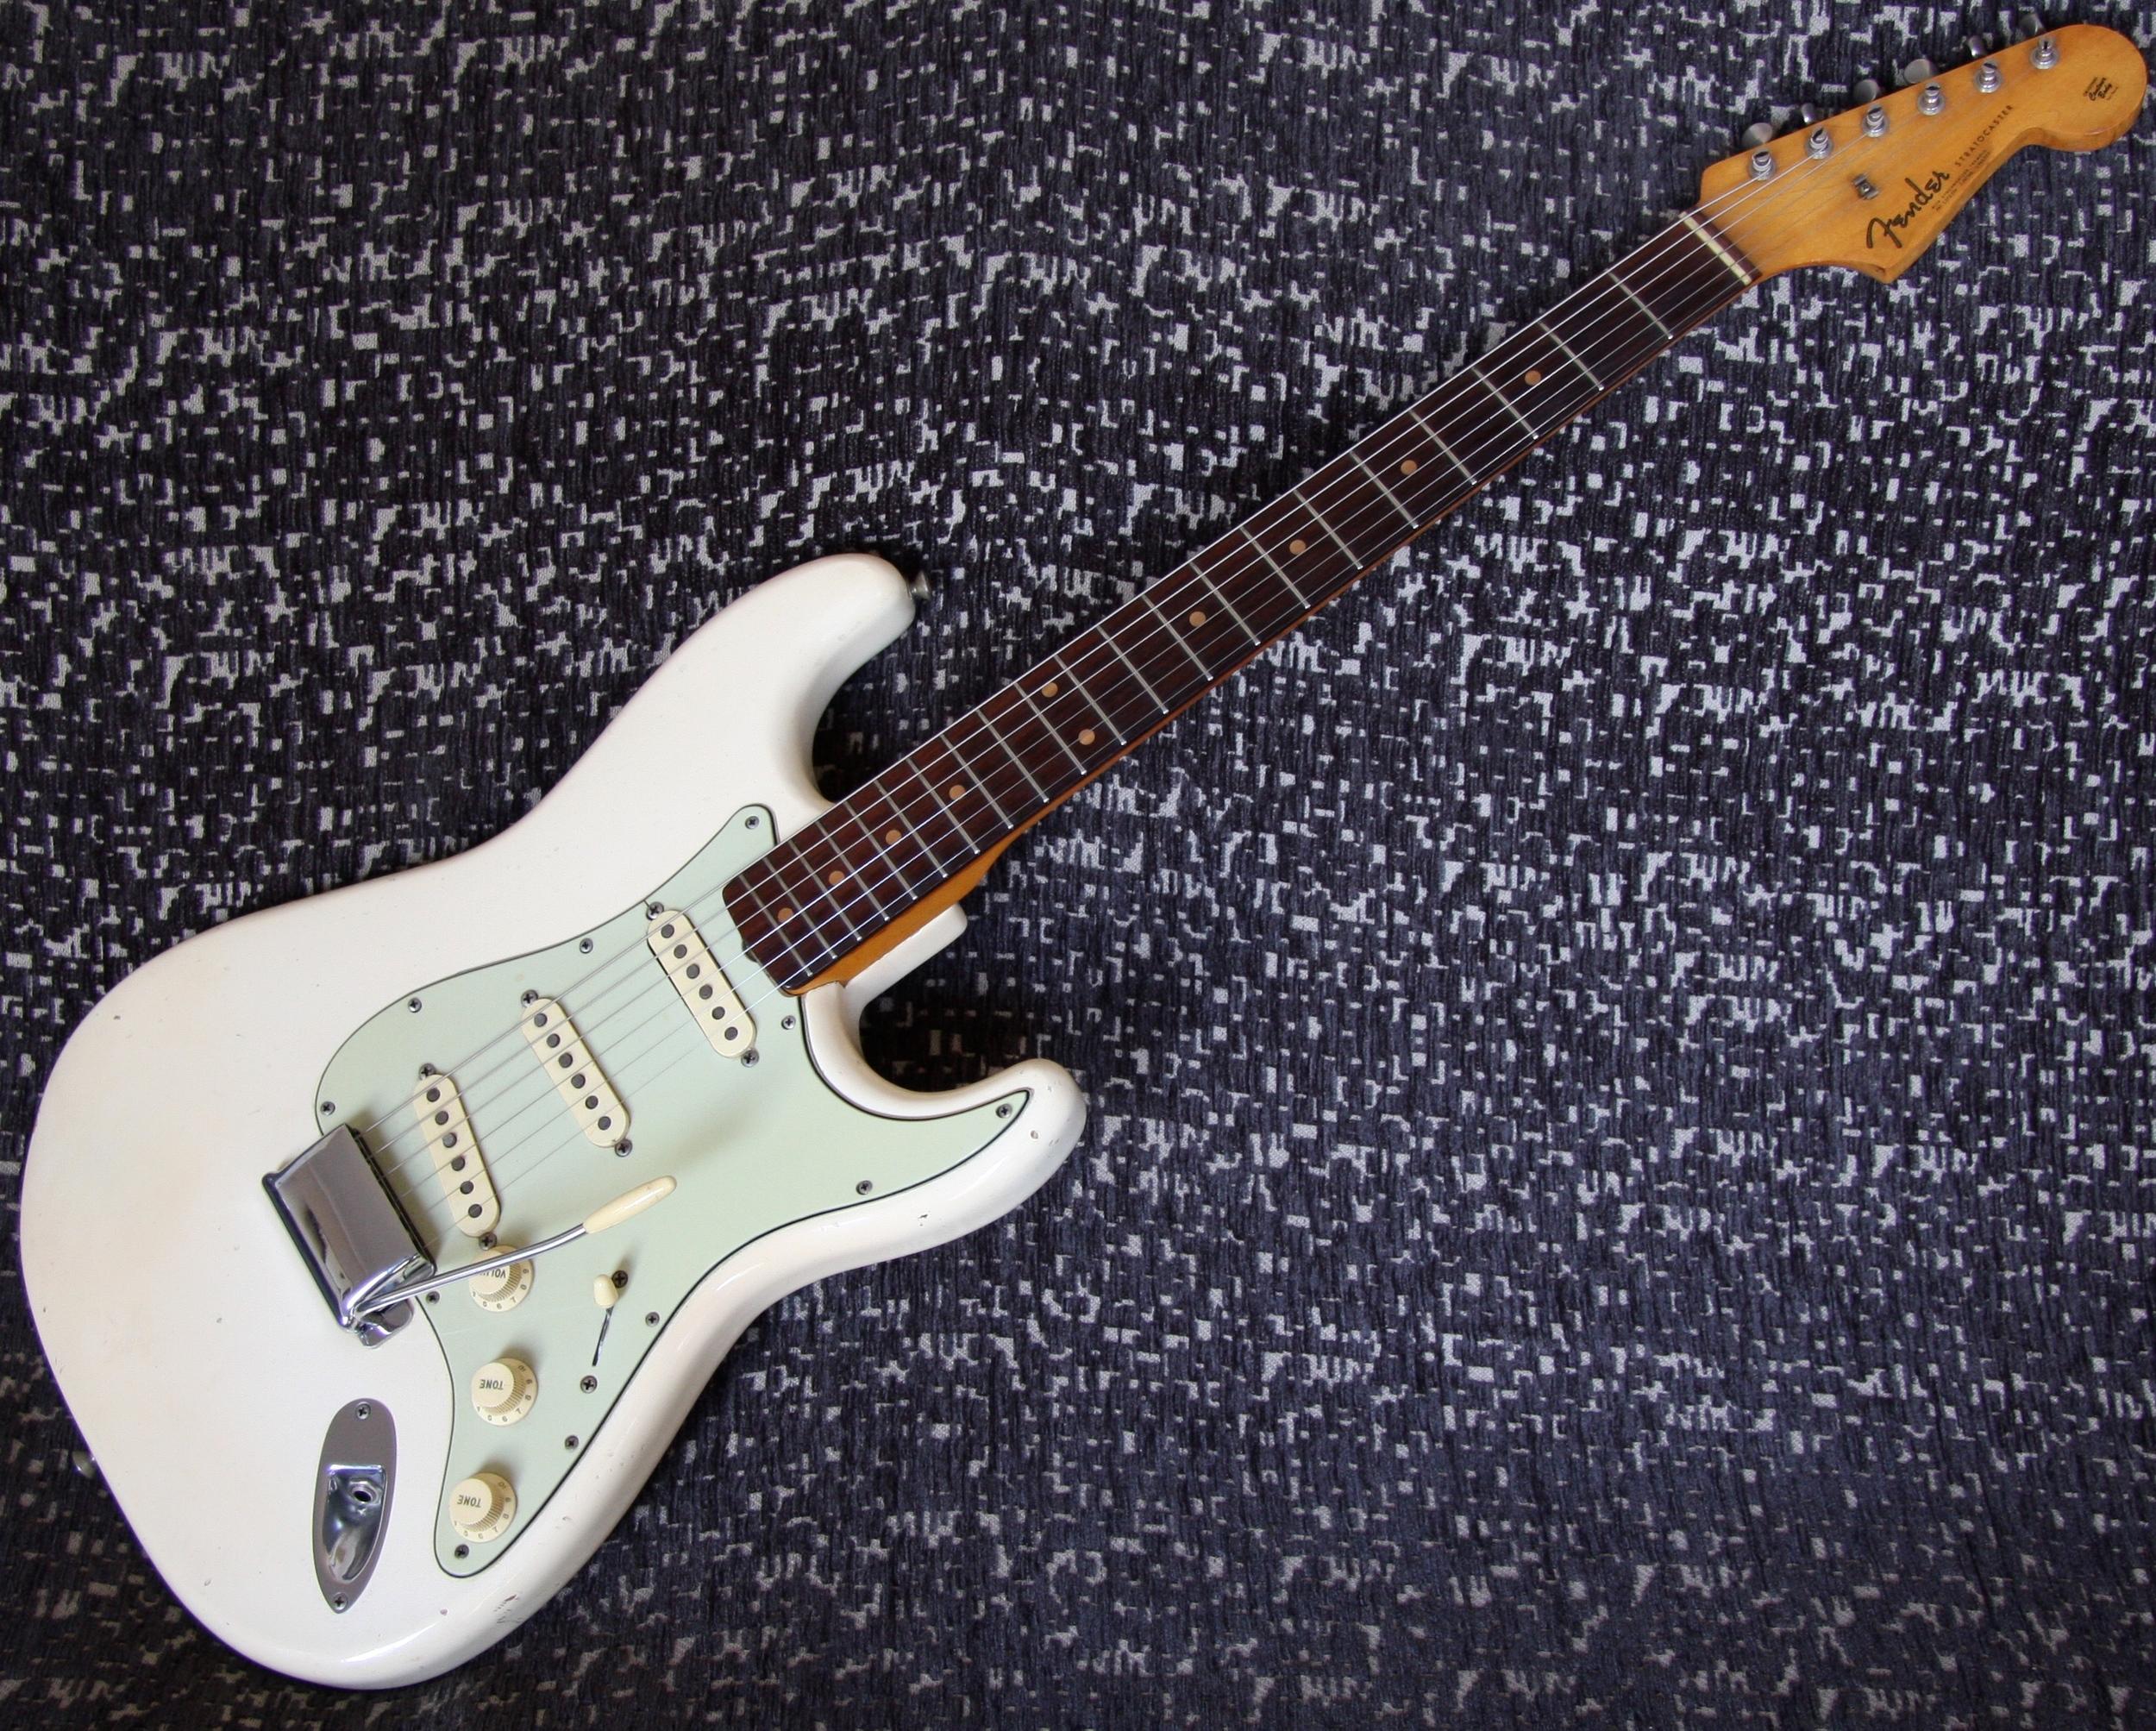 1962 Fender Stratocaster - Olympic White